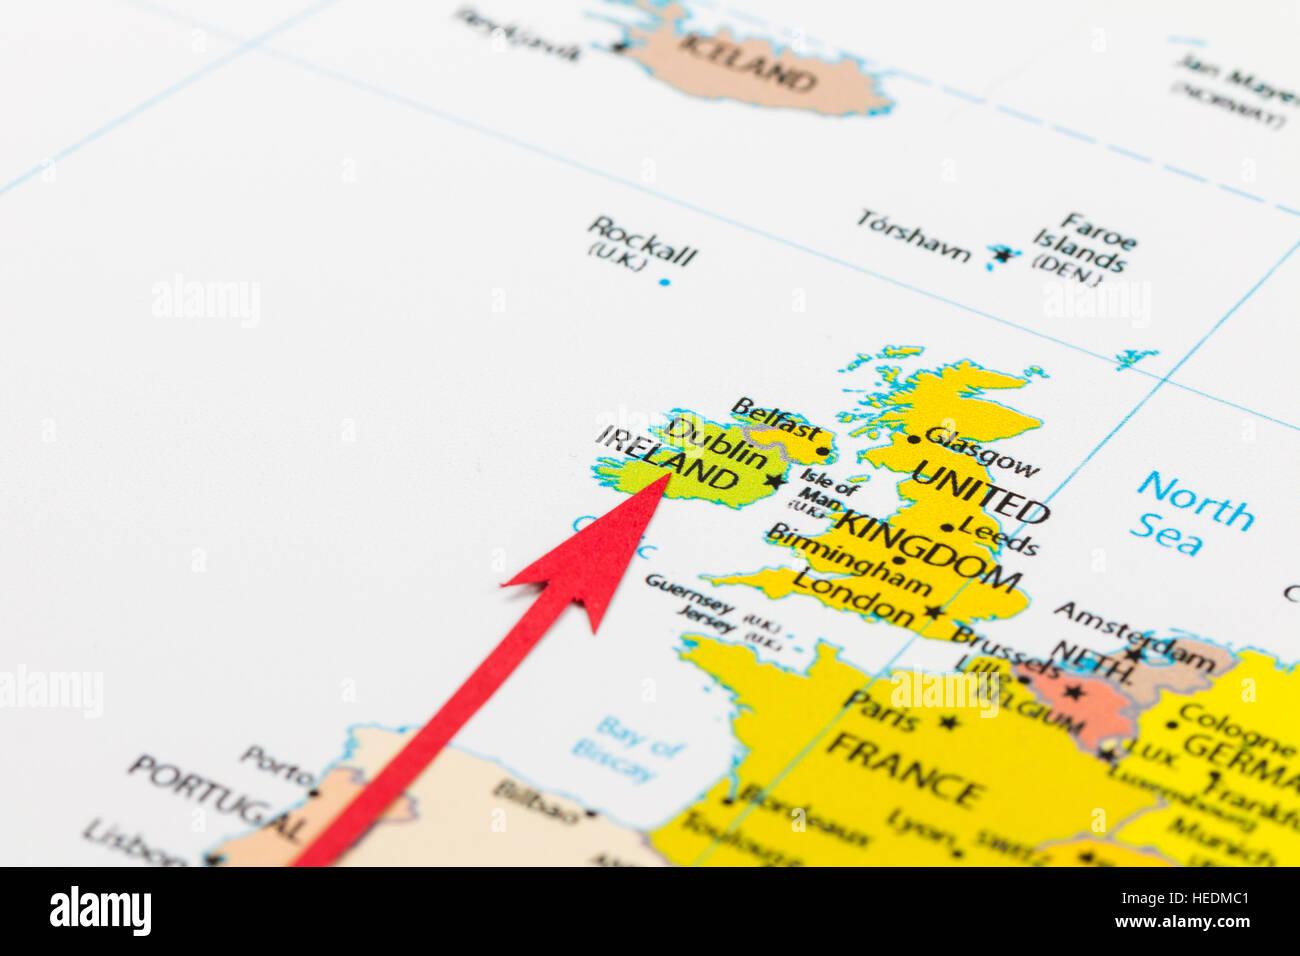 Irland Karte Europa.Roten Pfeil Auf Der Karte Der Kontinent Europa Irland Stockfoto